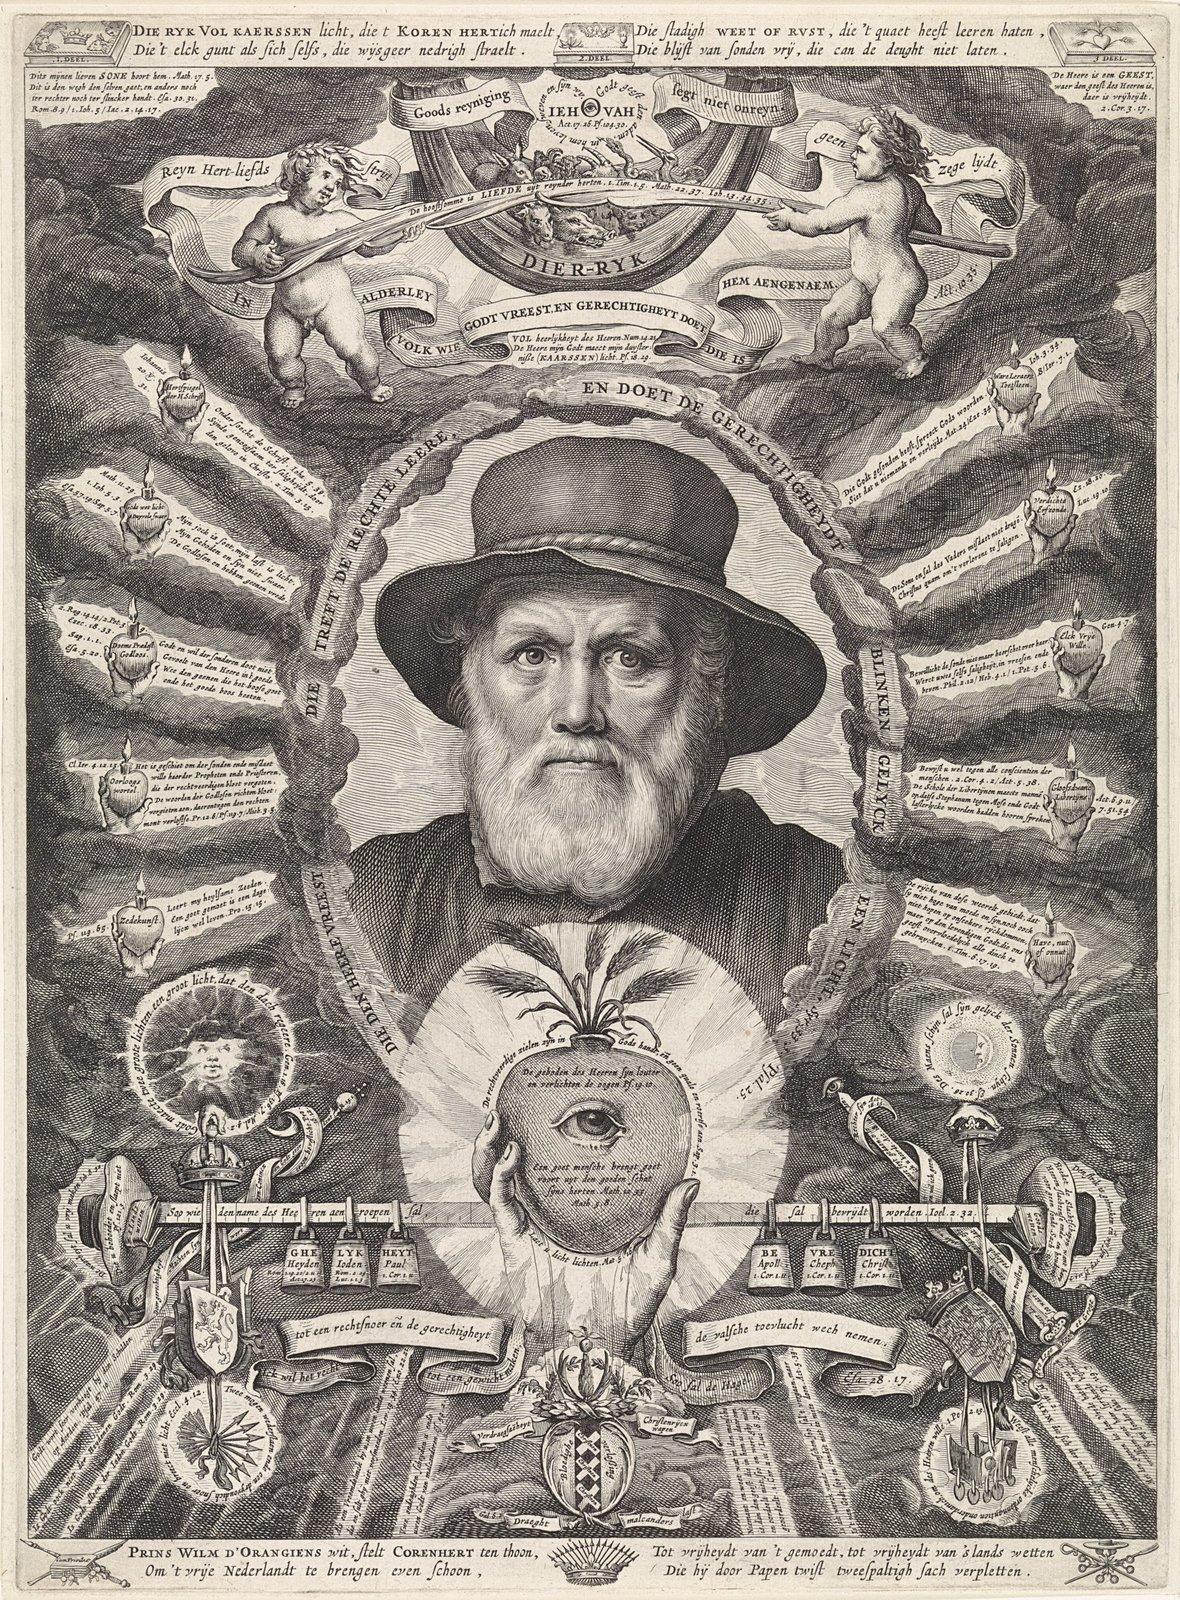 Portret van Dirck Volckertsz Coornhert in allegorische omlijsting